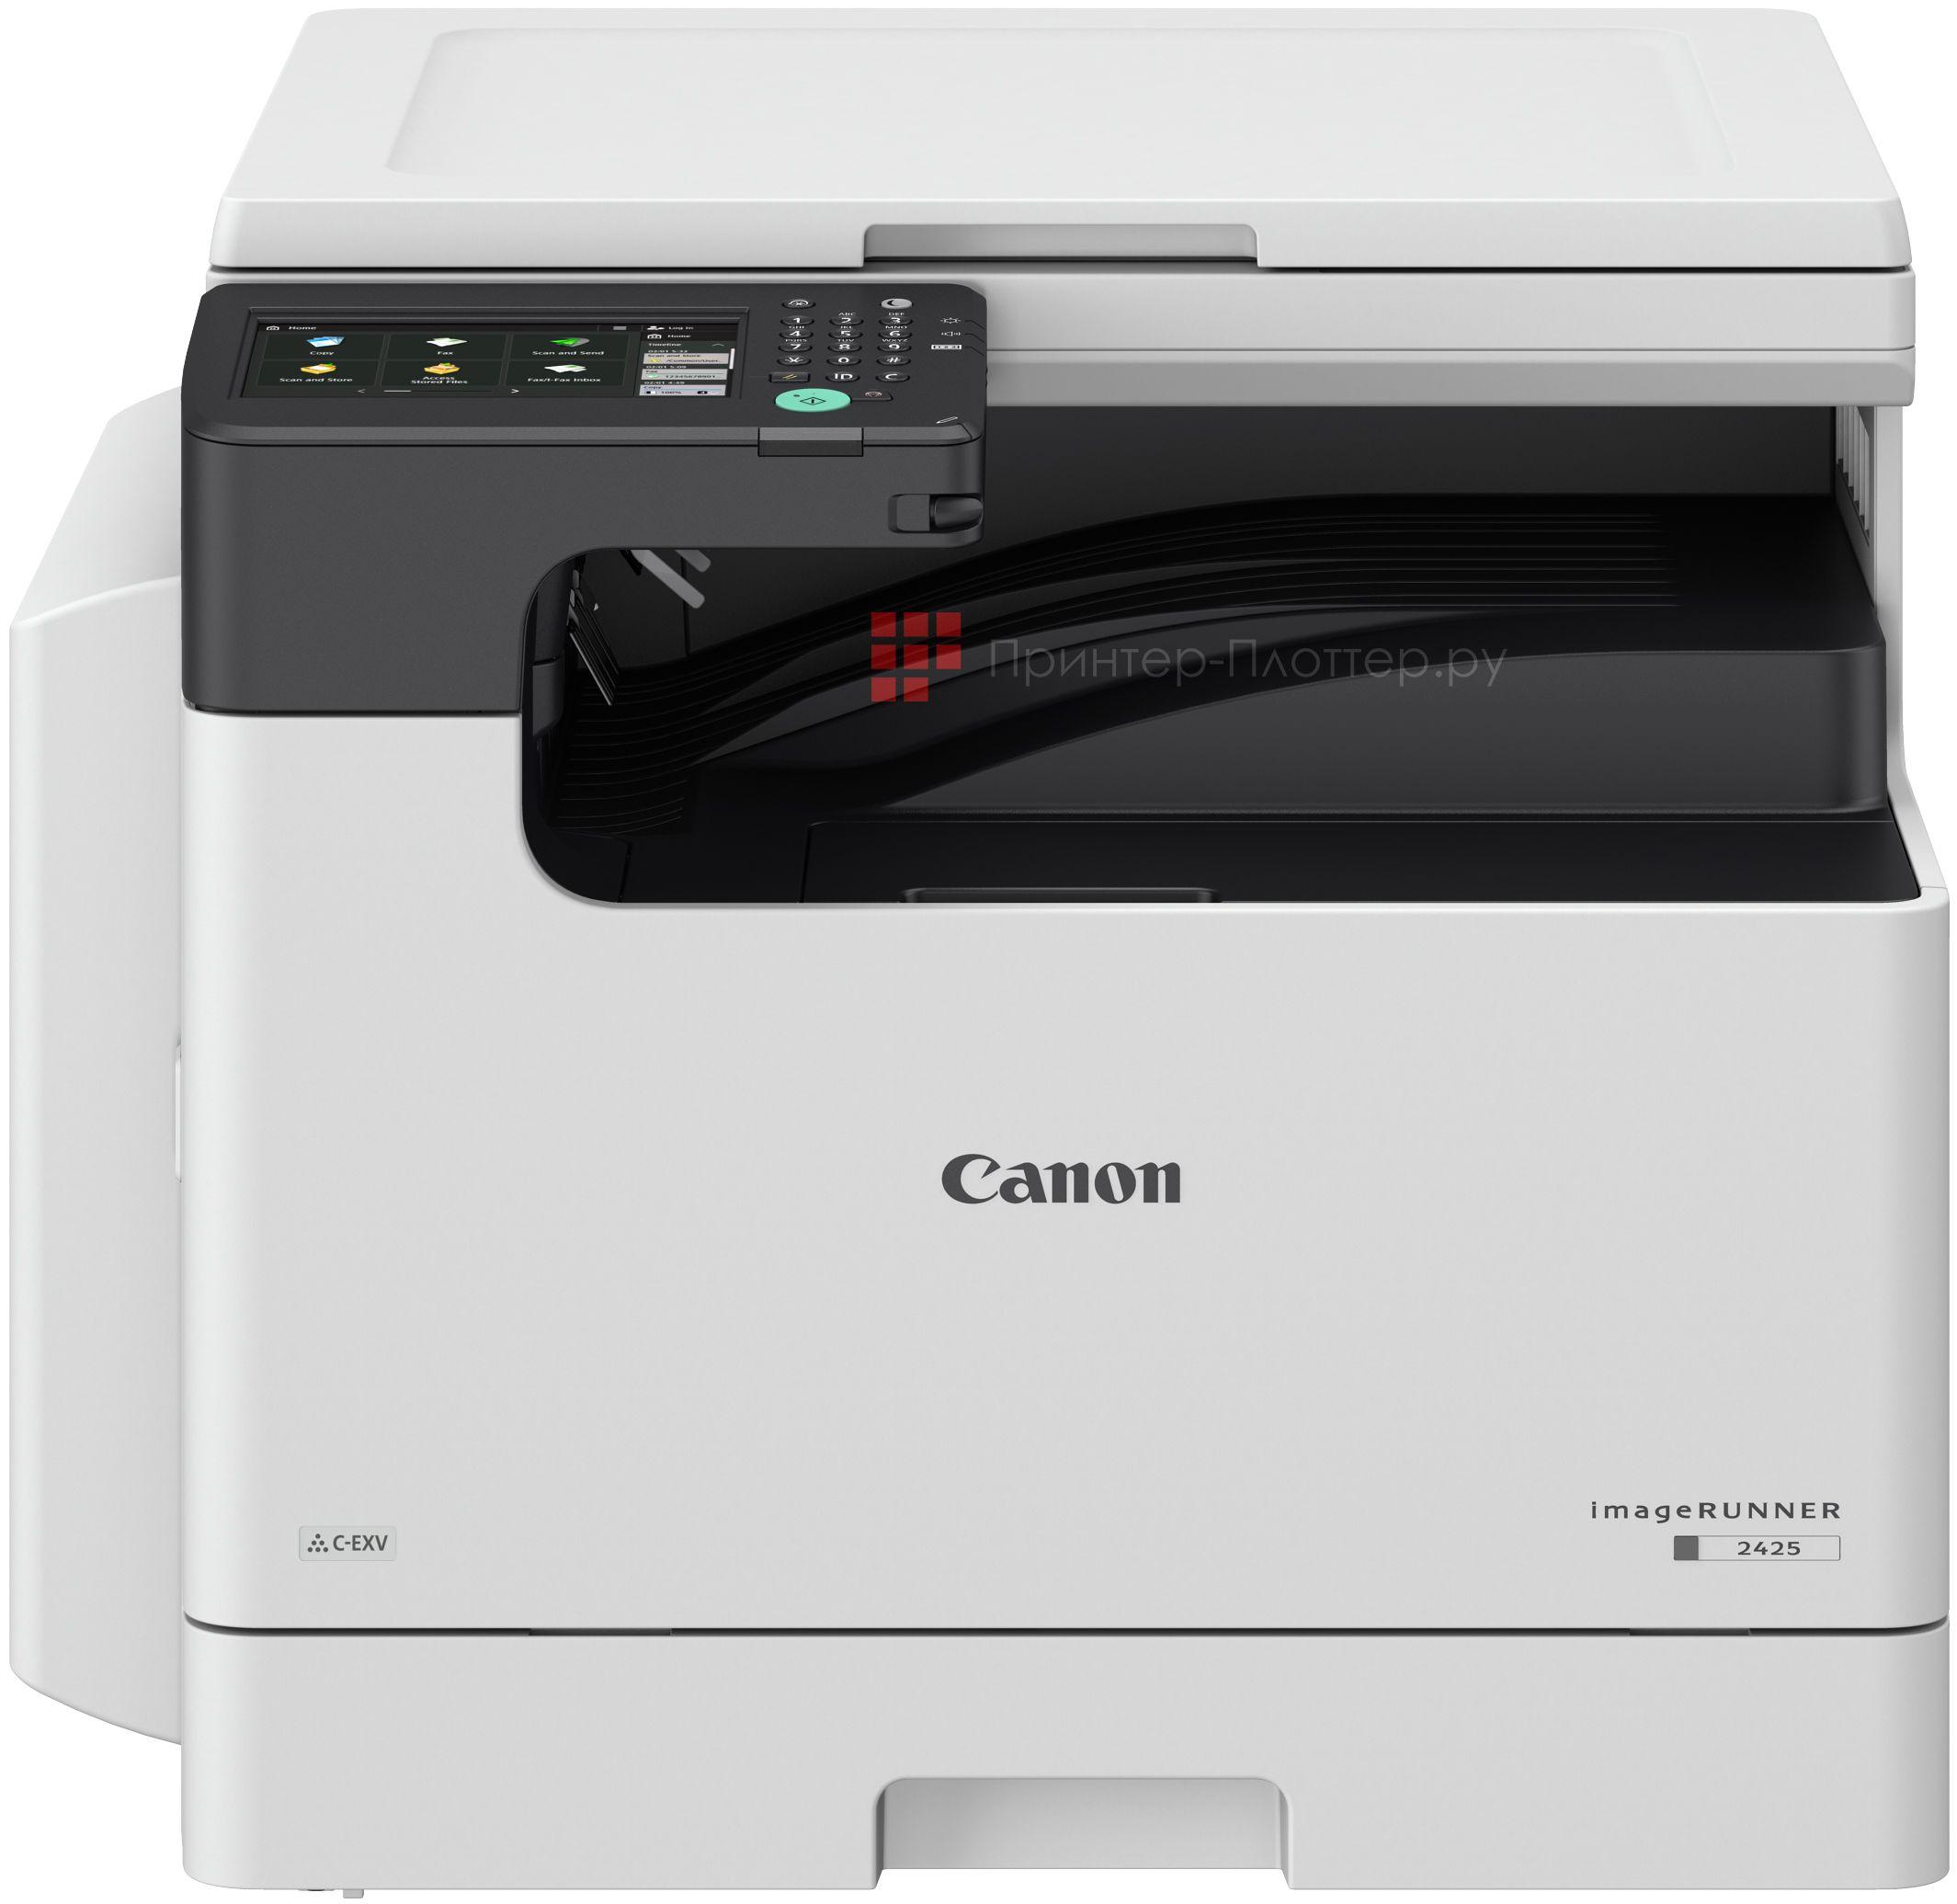 Копир Canon imageRUNNER 2425 (4293C003) лазерный печать:черно-белый (крышка в комплекте)